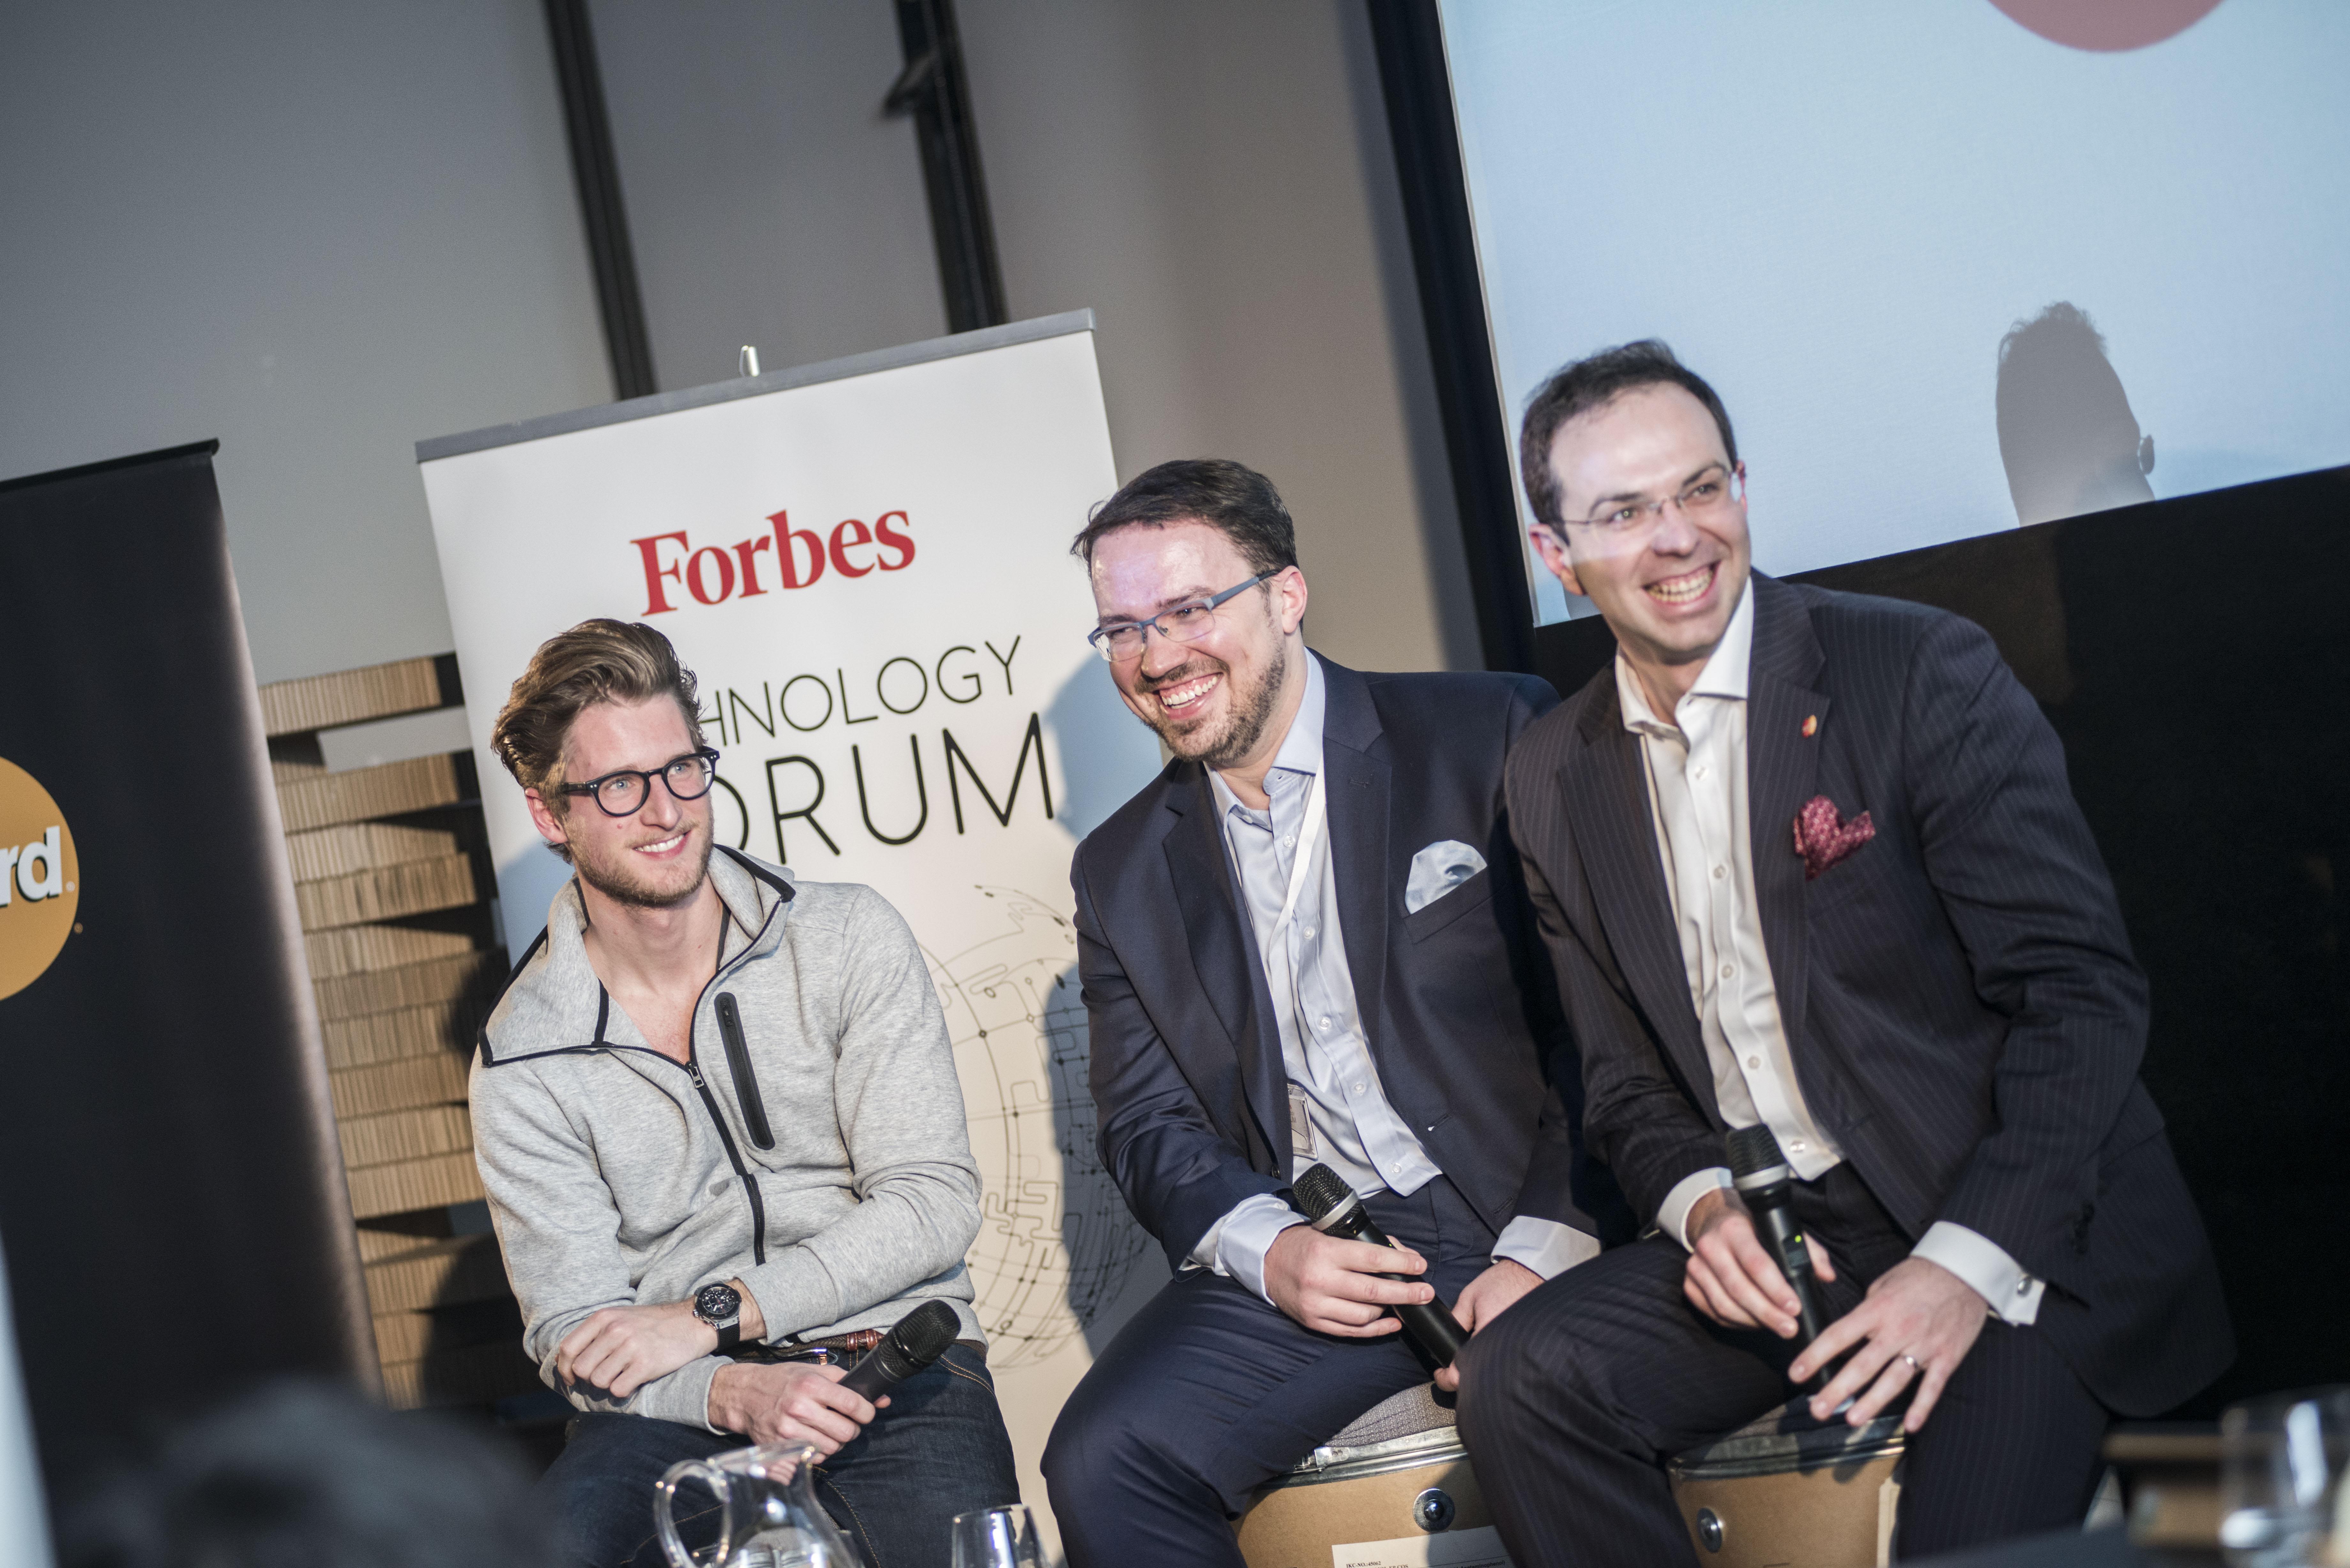 V druhém panelu dále vystoupili Miroslav Lukeš, generální ředitel pro ČR a SR společnosti Mastercard (vlevo) a Miroslav Uďan, zakladatel společnosti Shoptet (uprostřed)